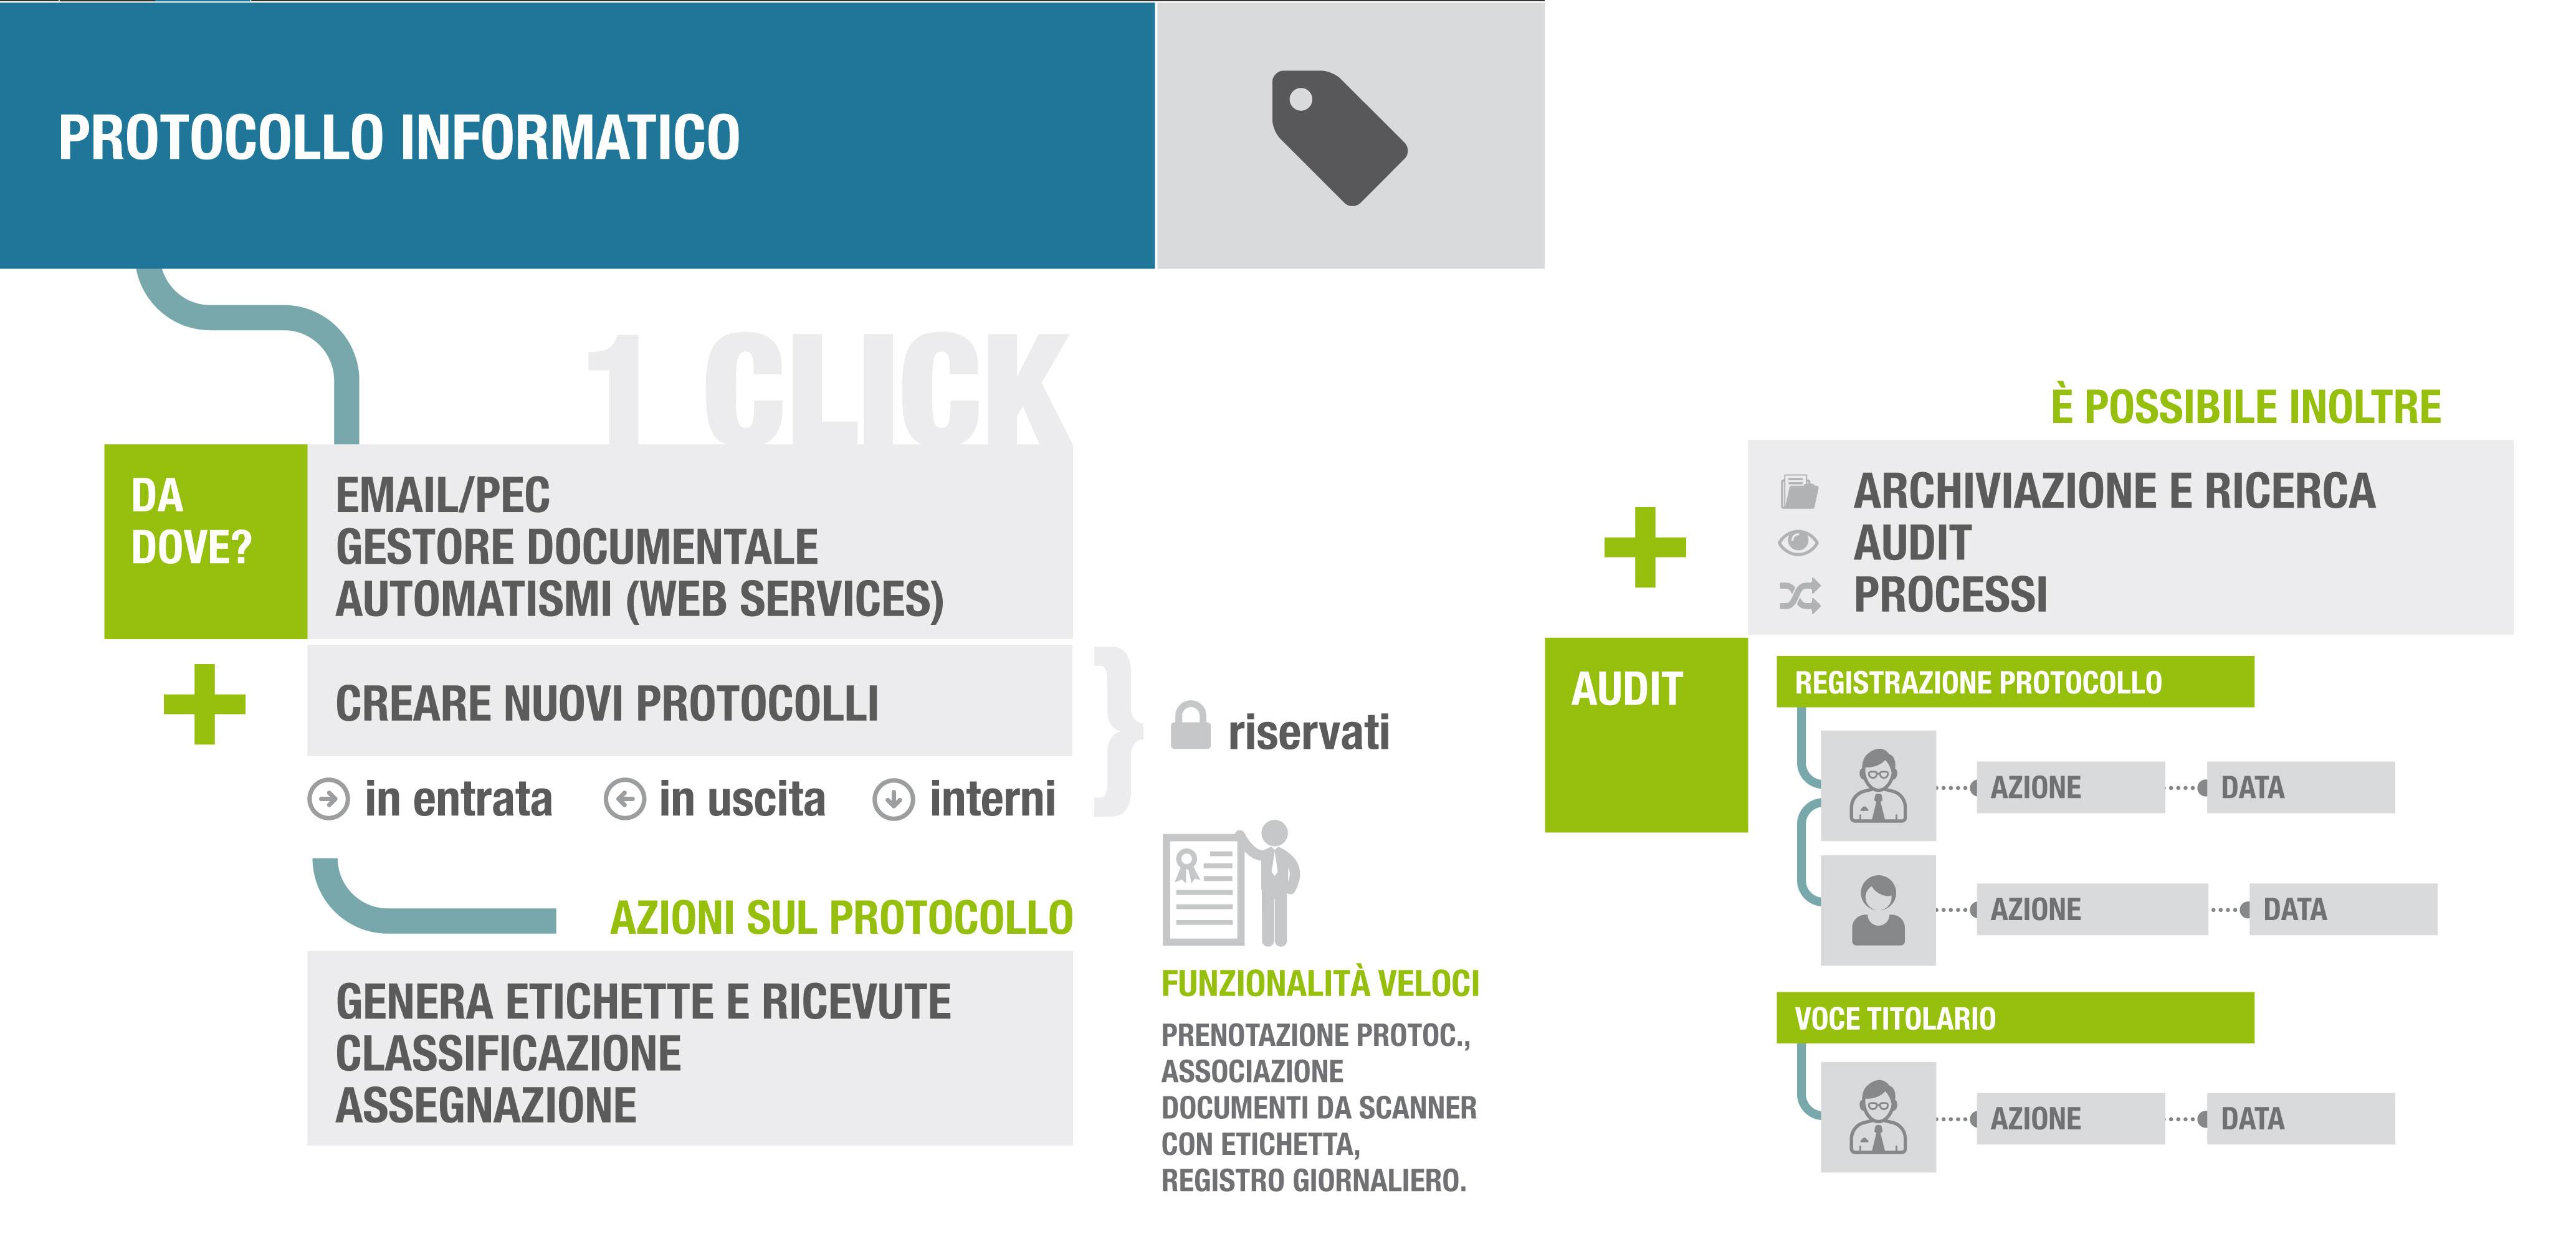 infografica-protocollo-informatico